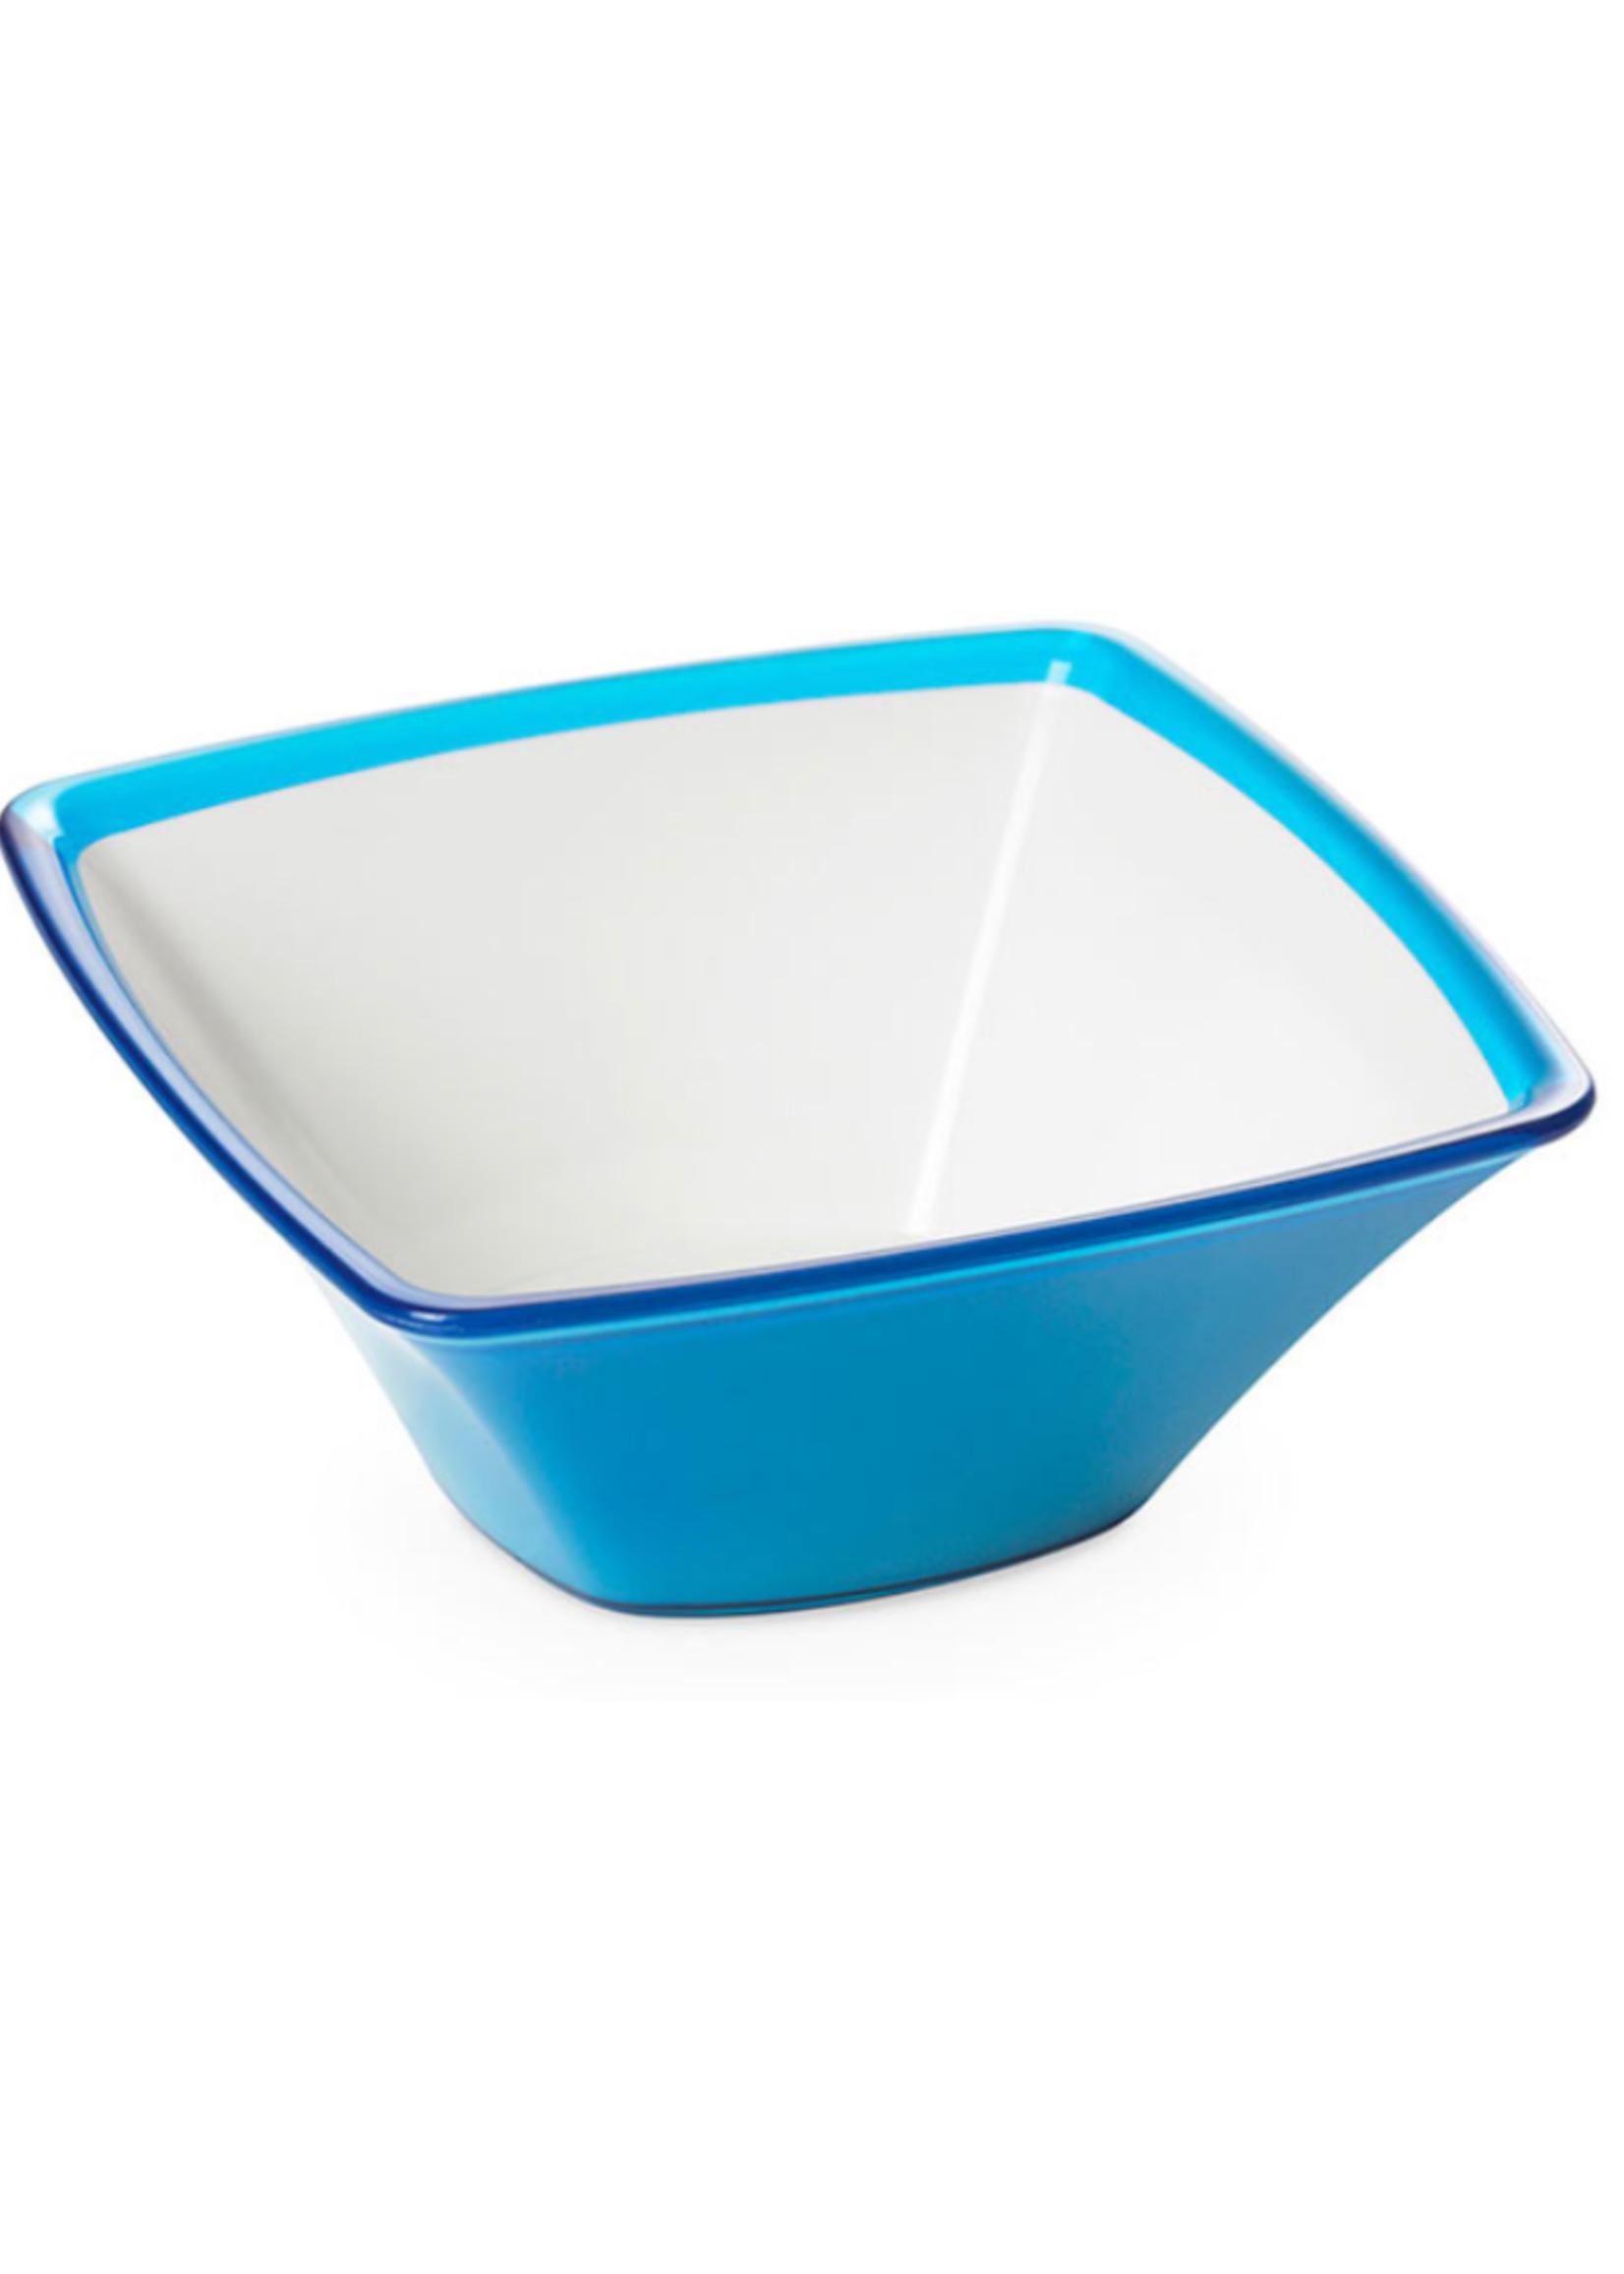 Square Large Acrylic Bowl // Turquoise